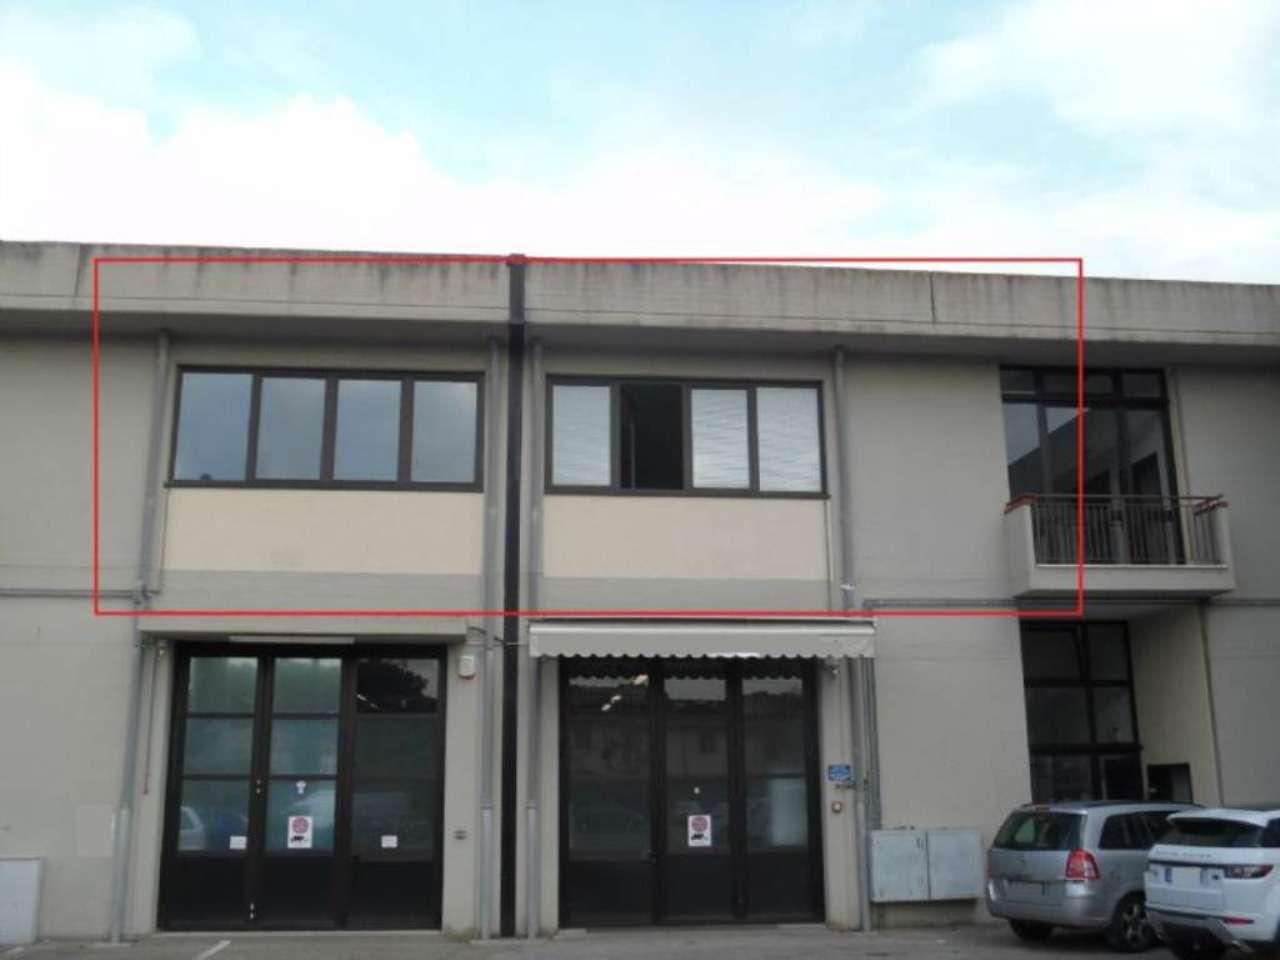 Laboratorio in vendita a Scandicci, 1 locali, prezzo € 195.000 | Cambio Casa.it